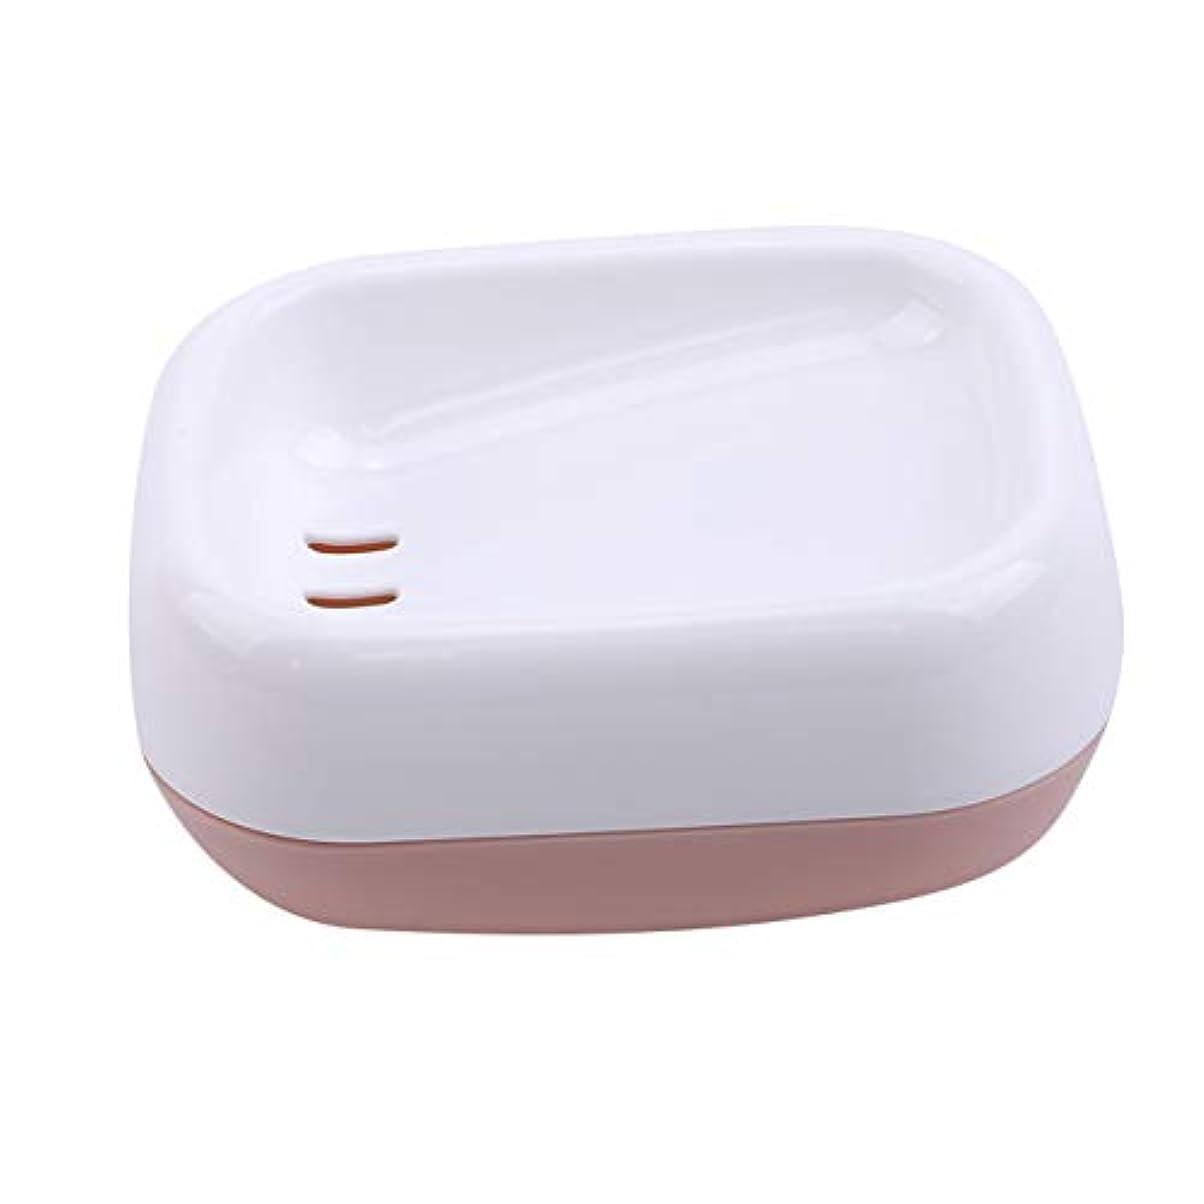 不合格不要狂人ZALINGソープディッシュボックス浴室プラスチック二重層衛生的なシンプル排水コンテナソープディッシュピンク